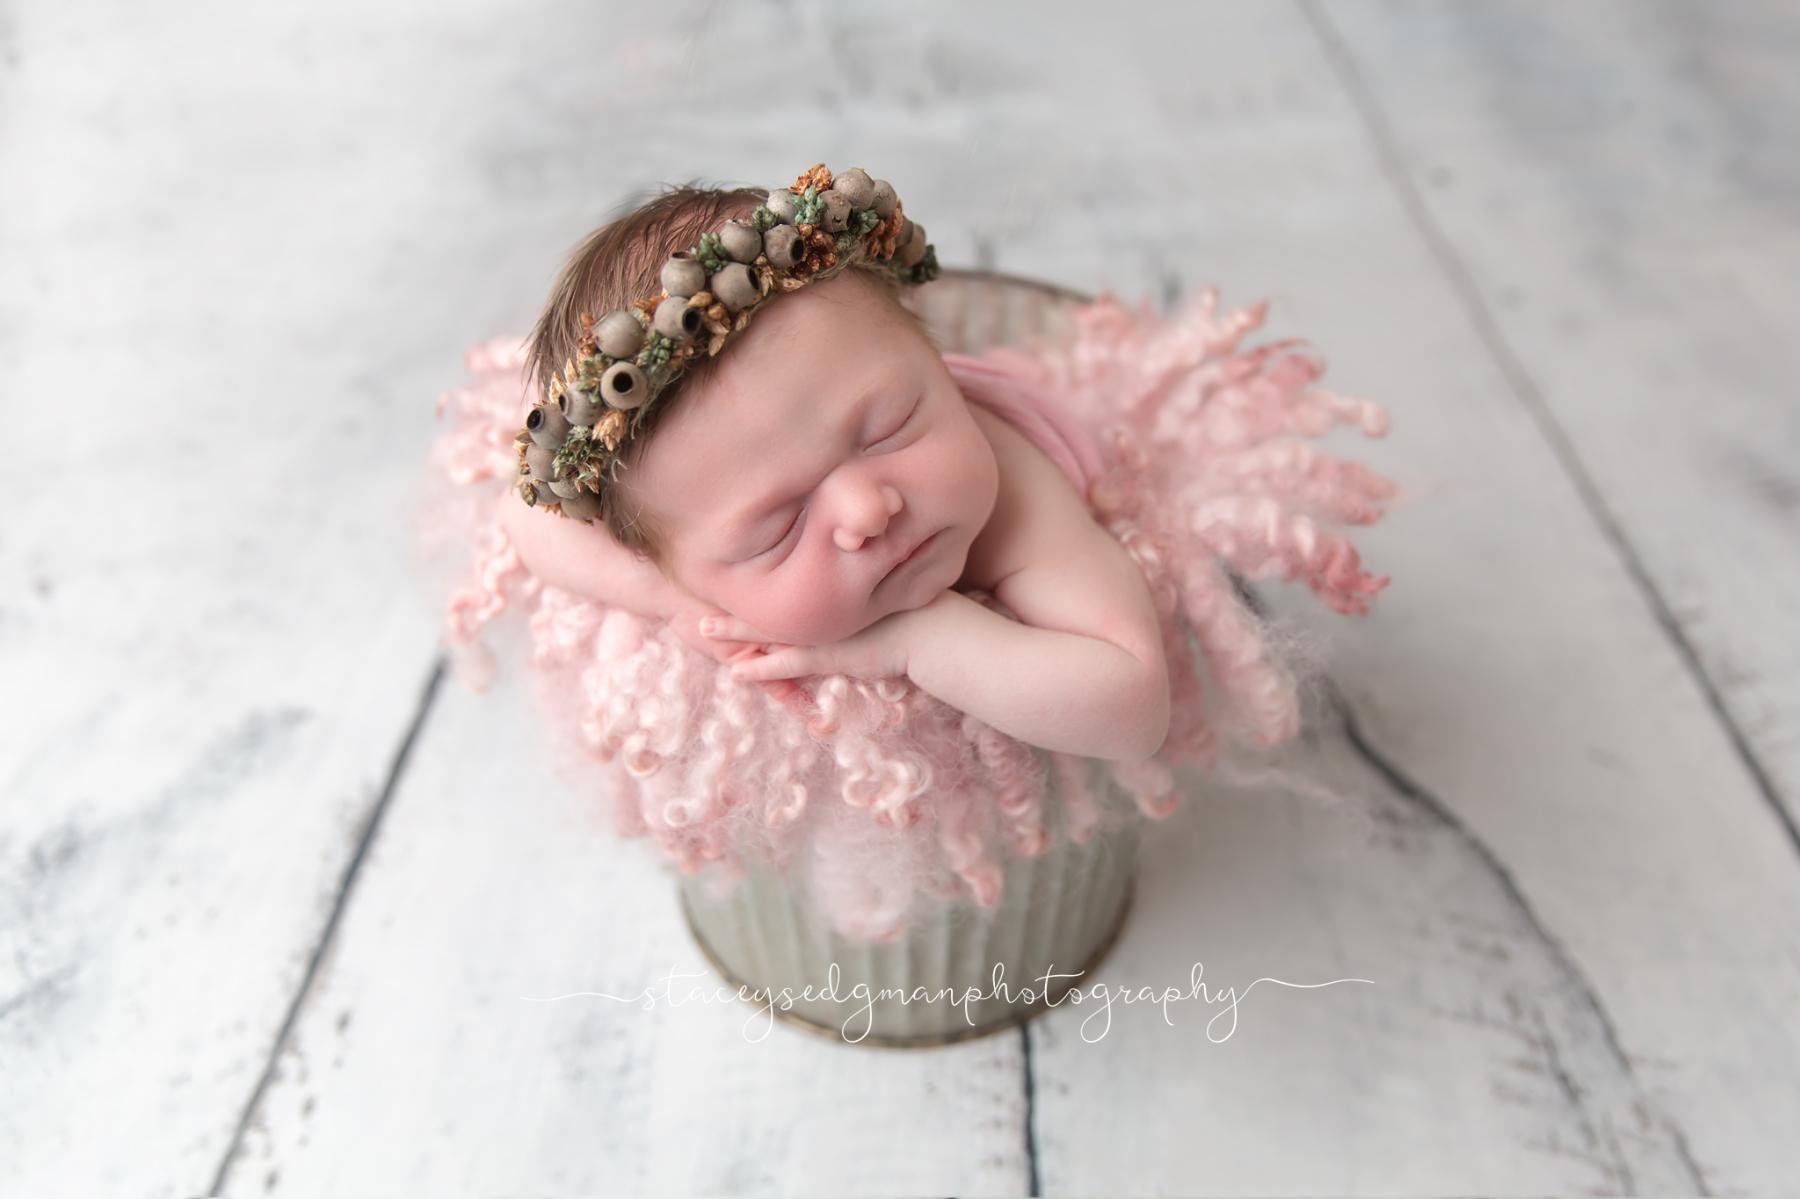 baby wearing a gumnut tie back in a bucket on a wooden backdrop